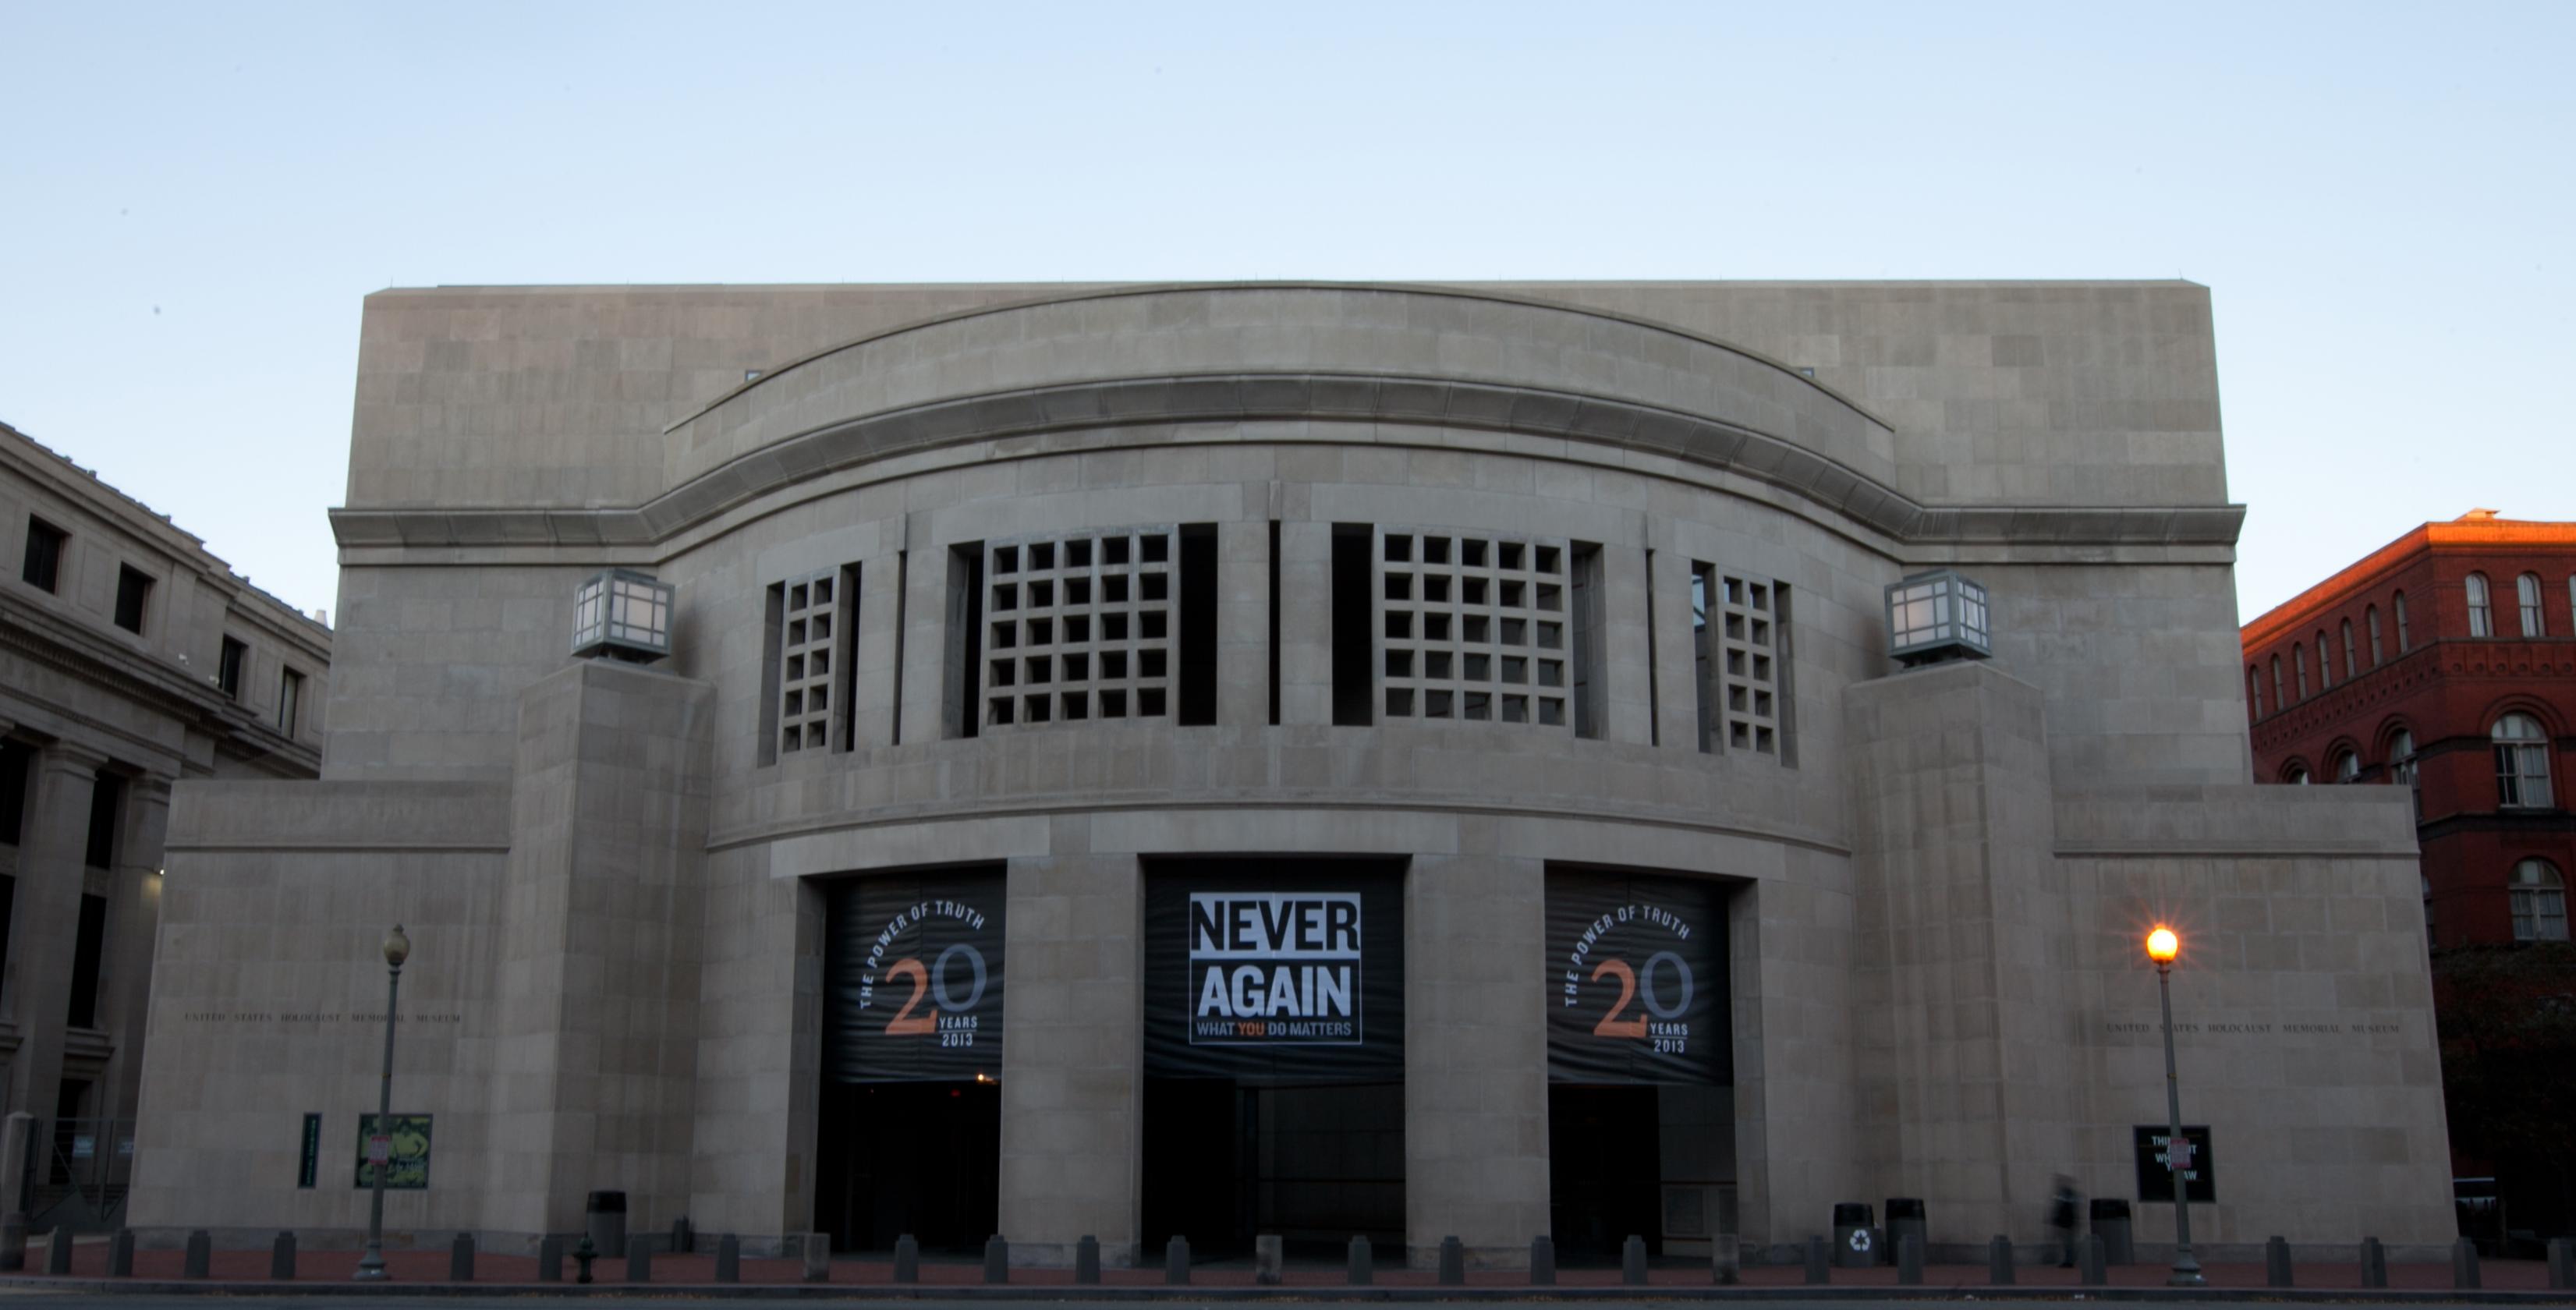 The United States Holocaust Memorial Museum in D.C.